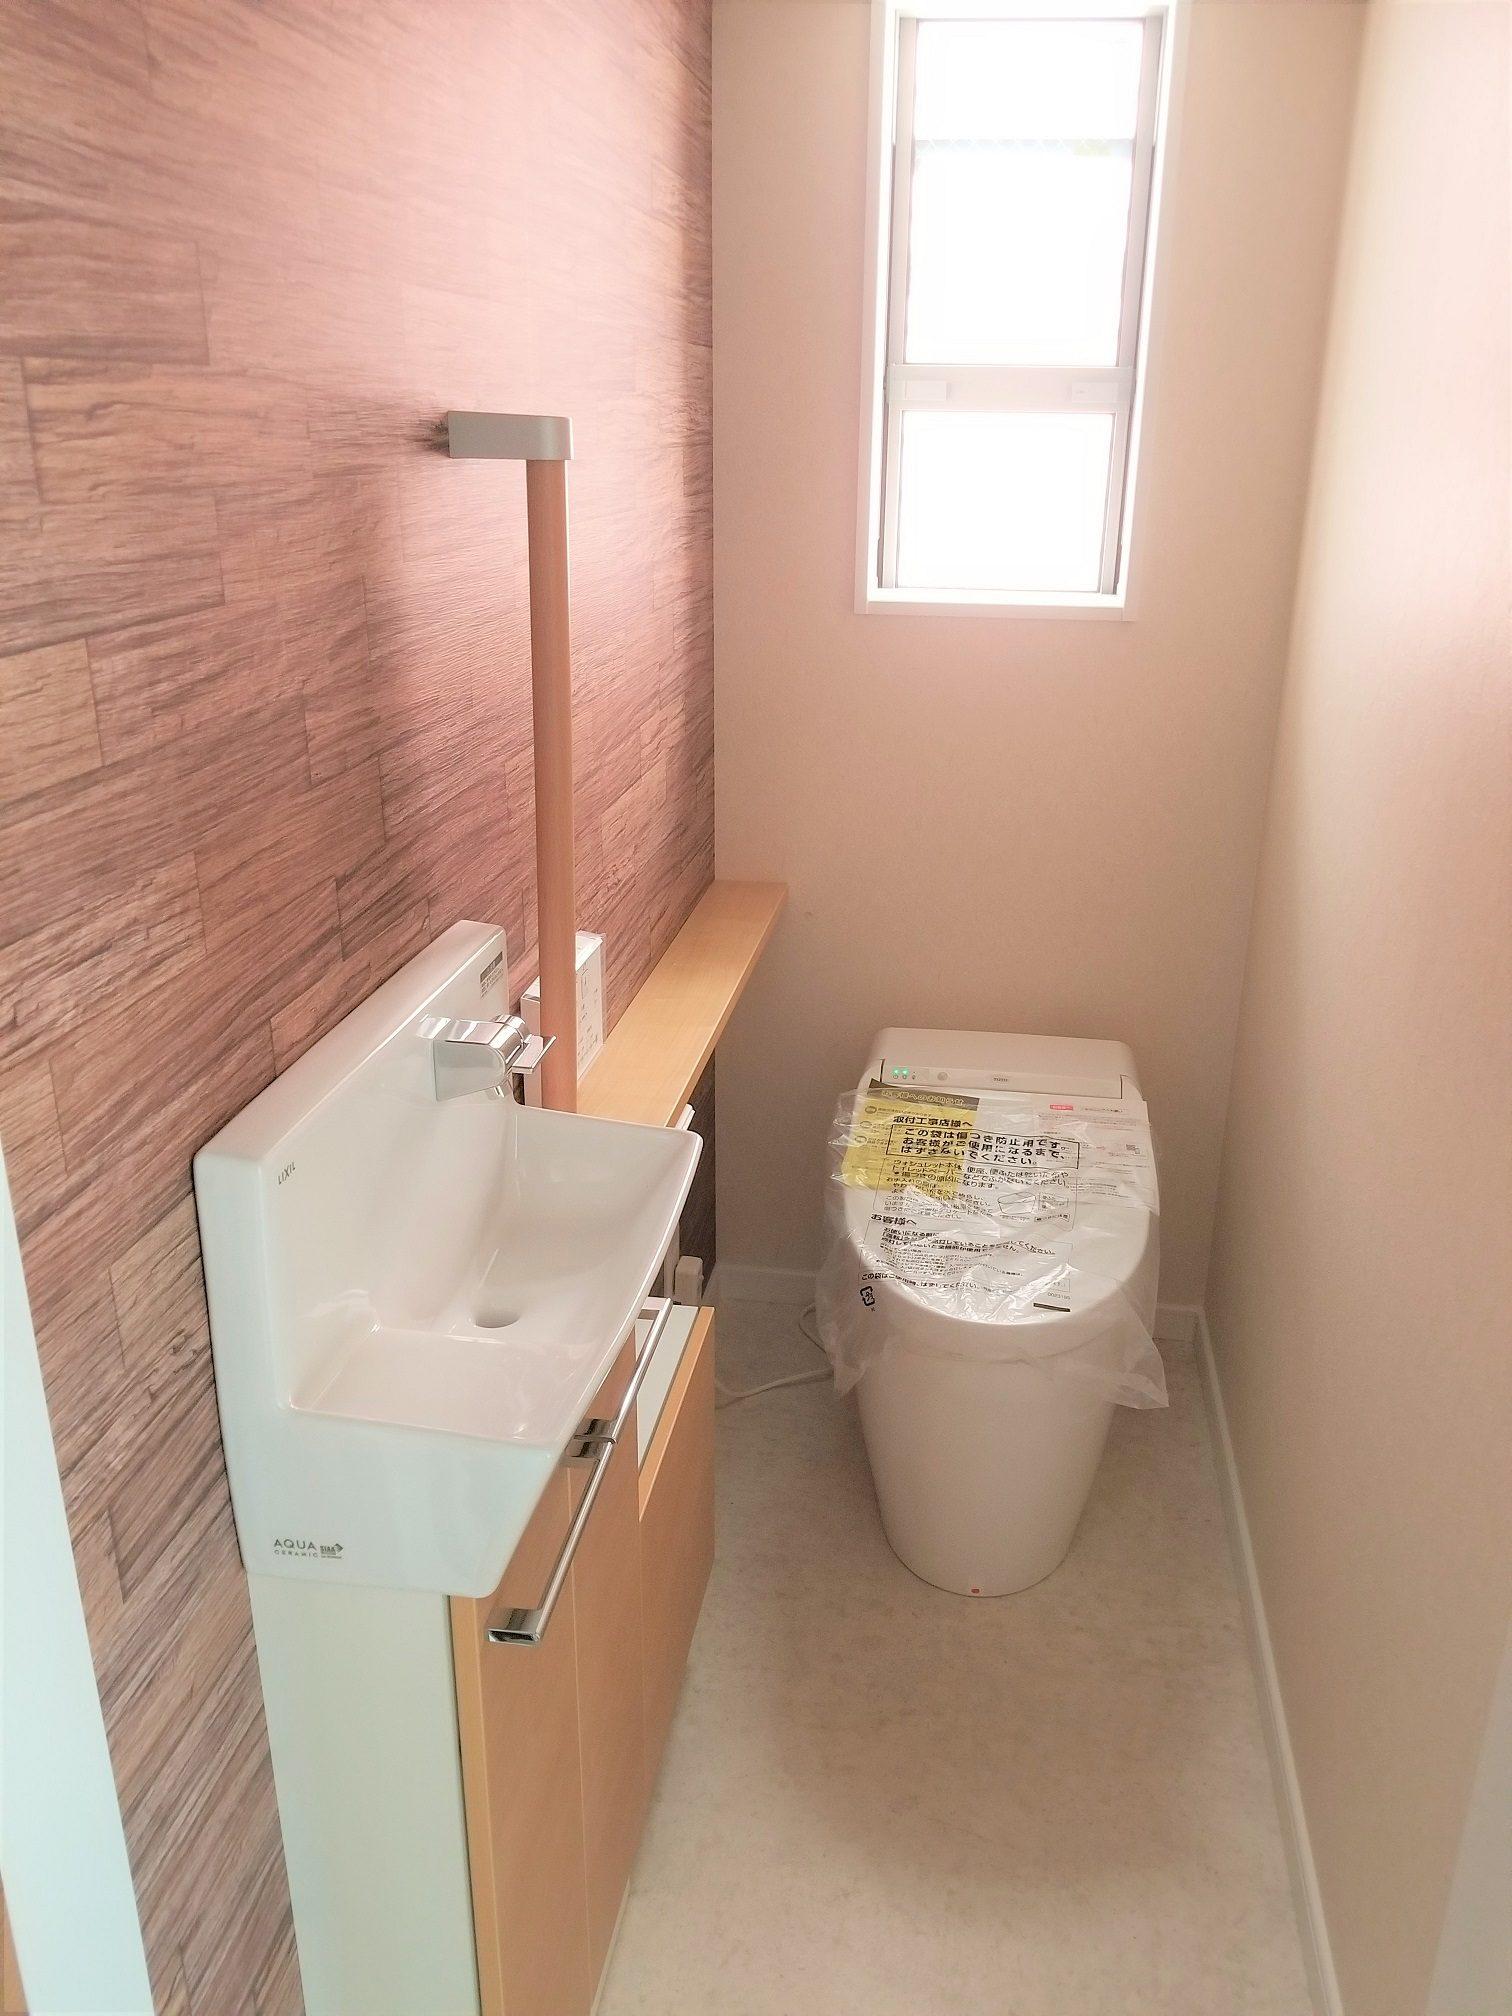 お掃除のしやすいタンクレスでスッキリとした温水洗浄付きトイレ(ル・メイユール他物件施工例)